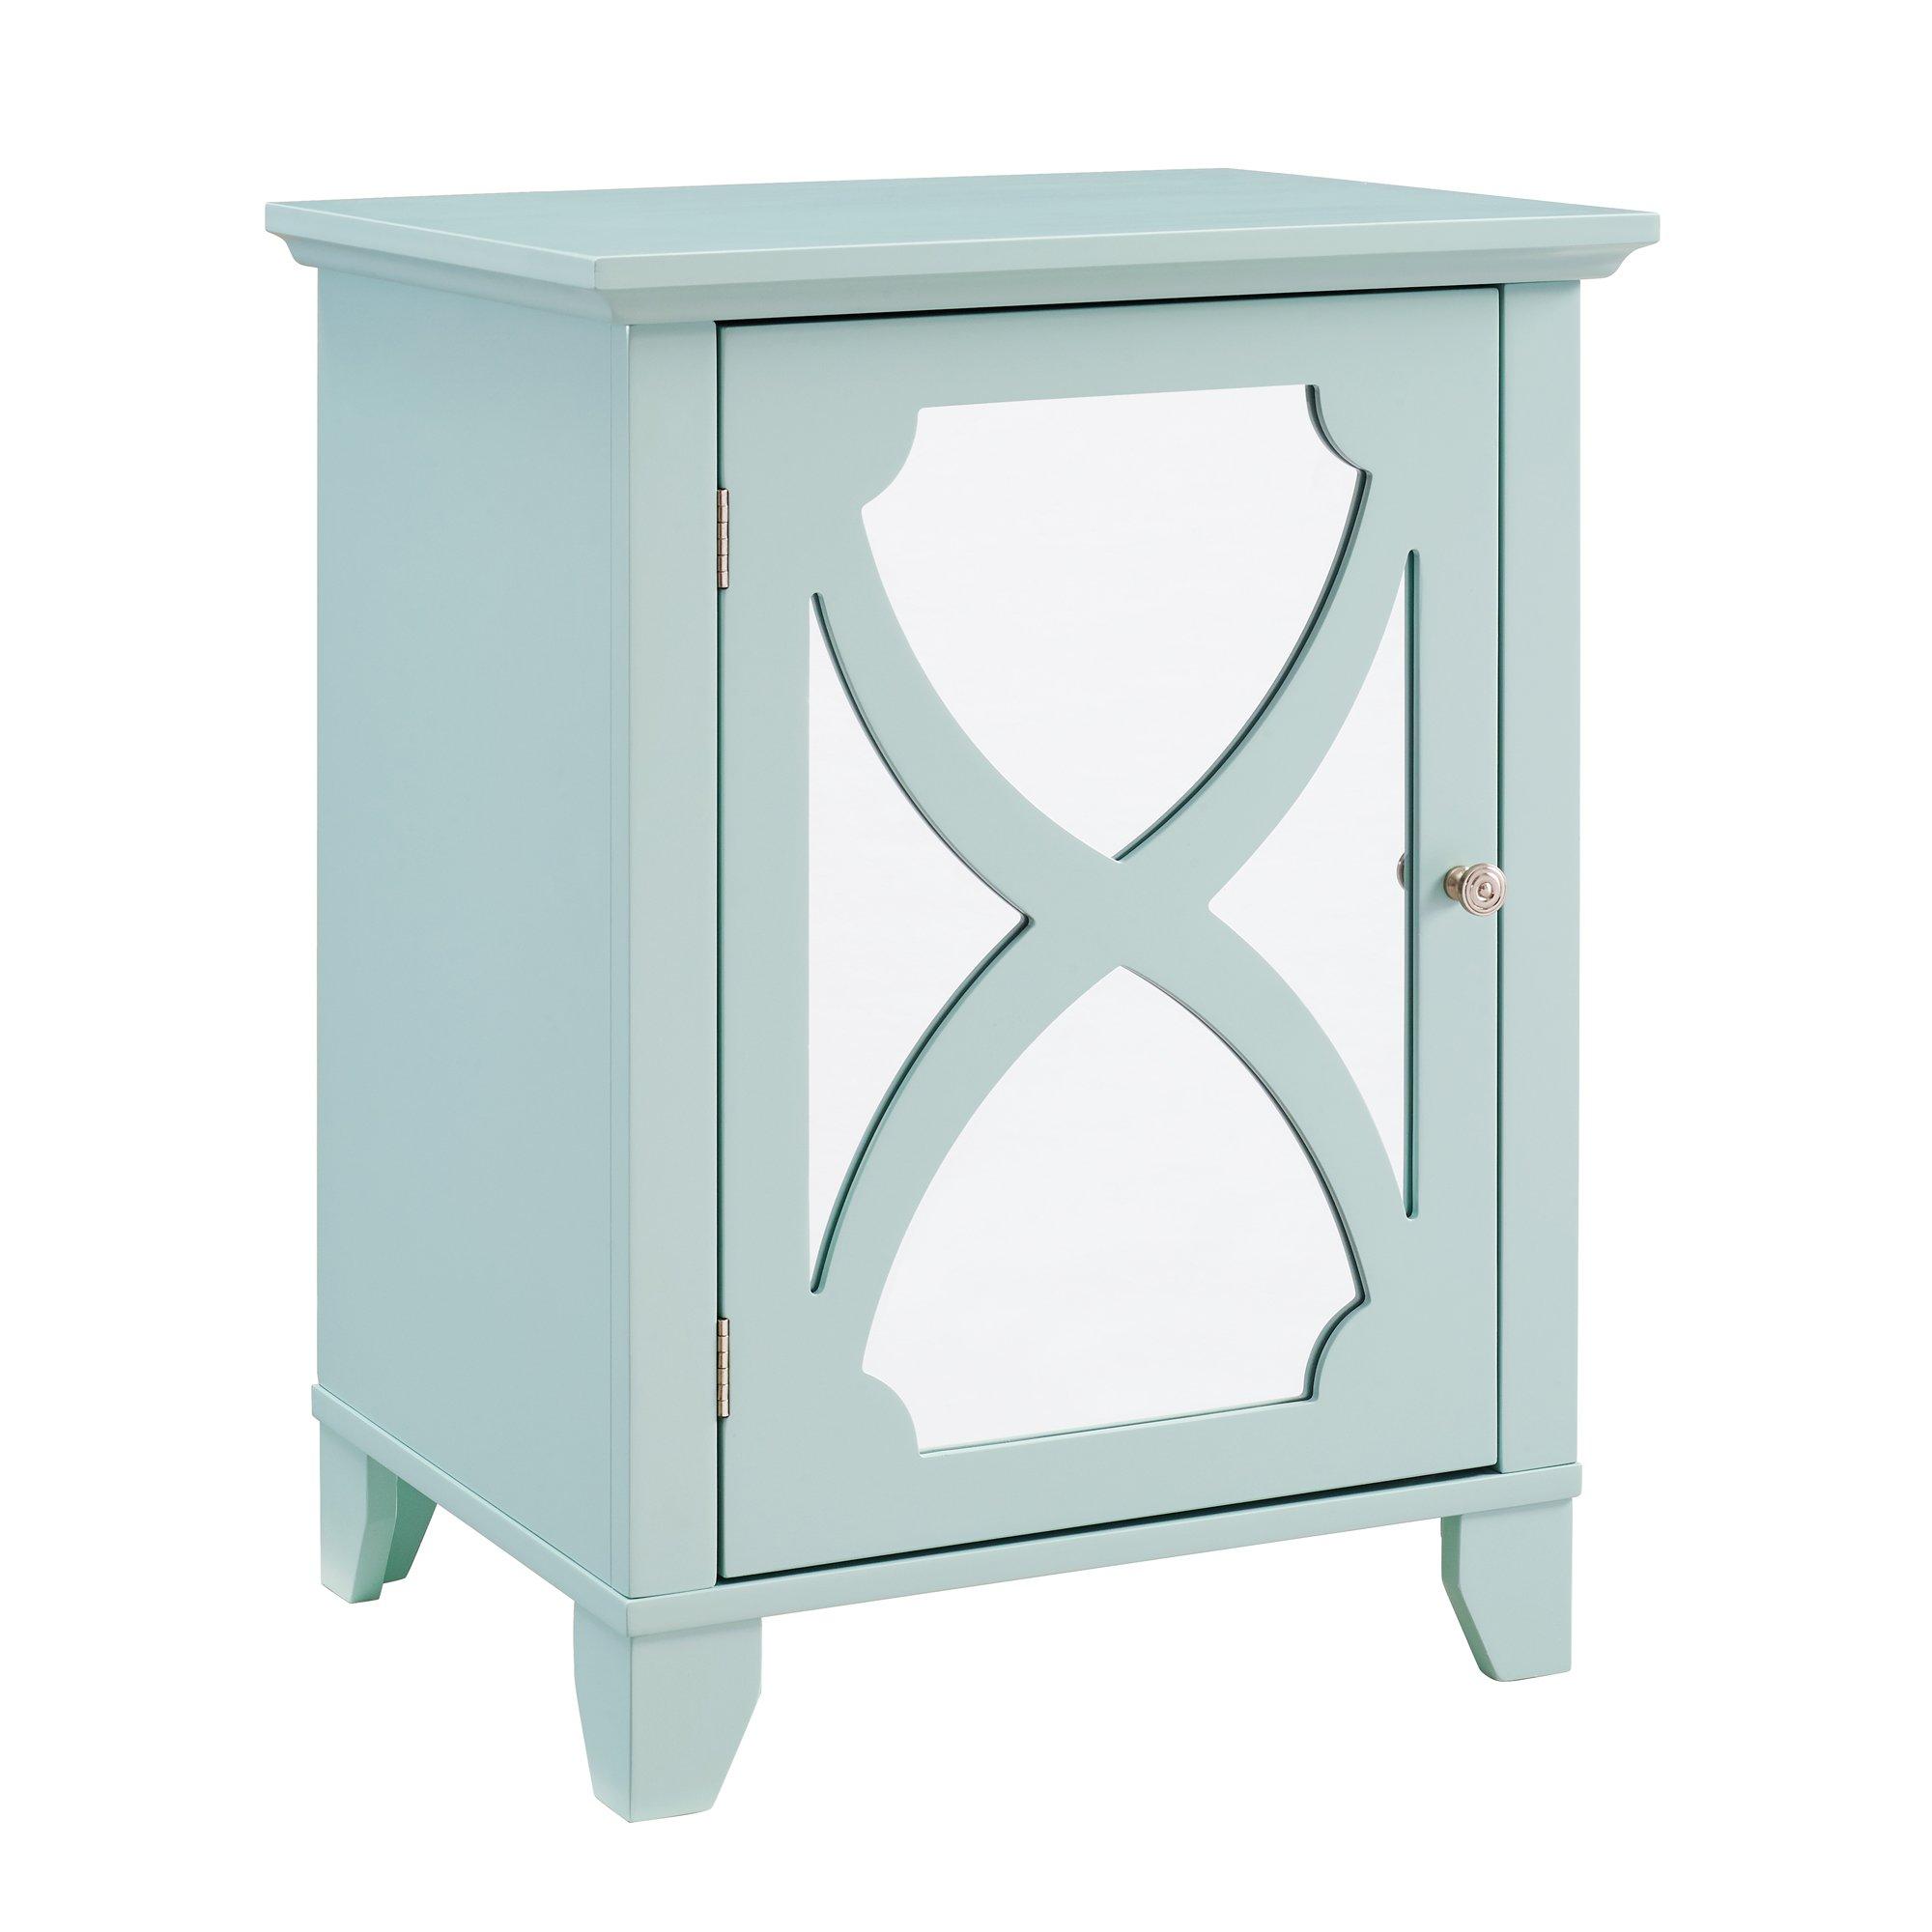 Linon WK124SEA01U Cabinet, Seafoam